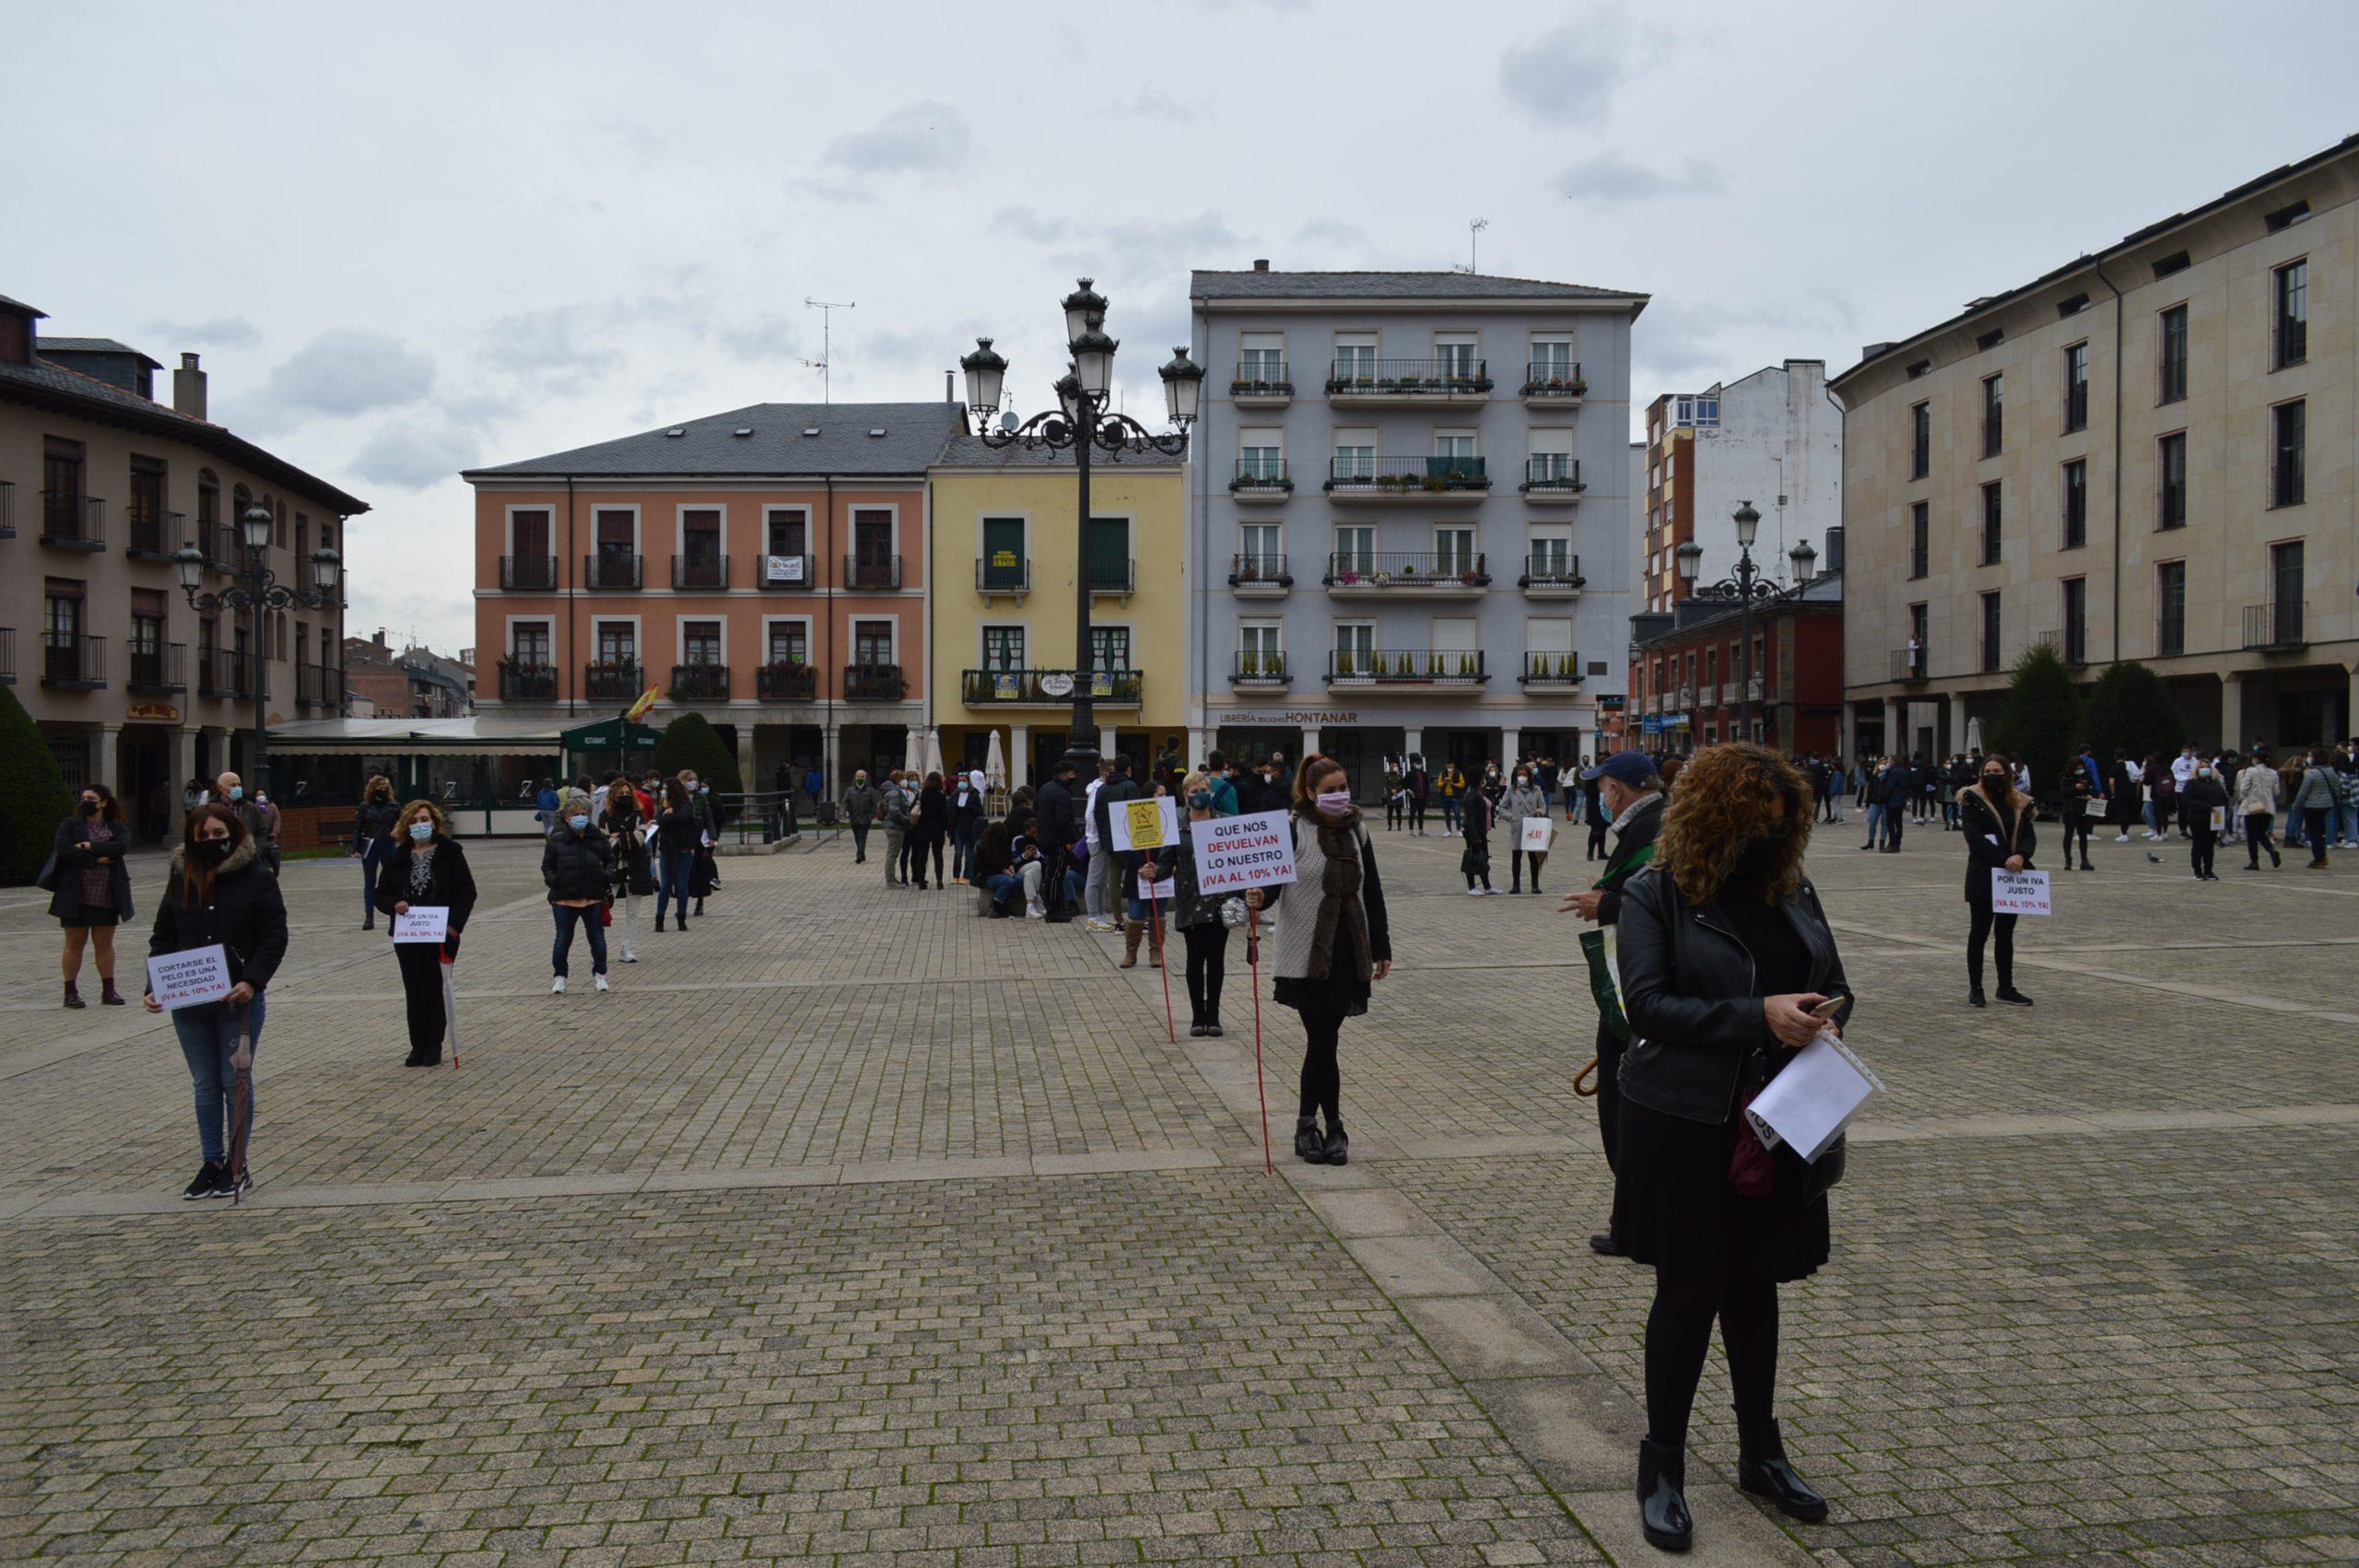 Peluquerías y centros de belleza de El Bierzo y Laciana se concentran en Ponferrada pidiendo apoyo para mantener el sector a flote 3